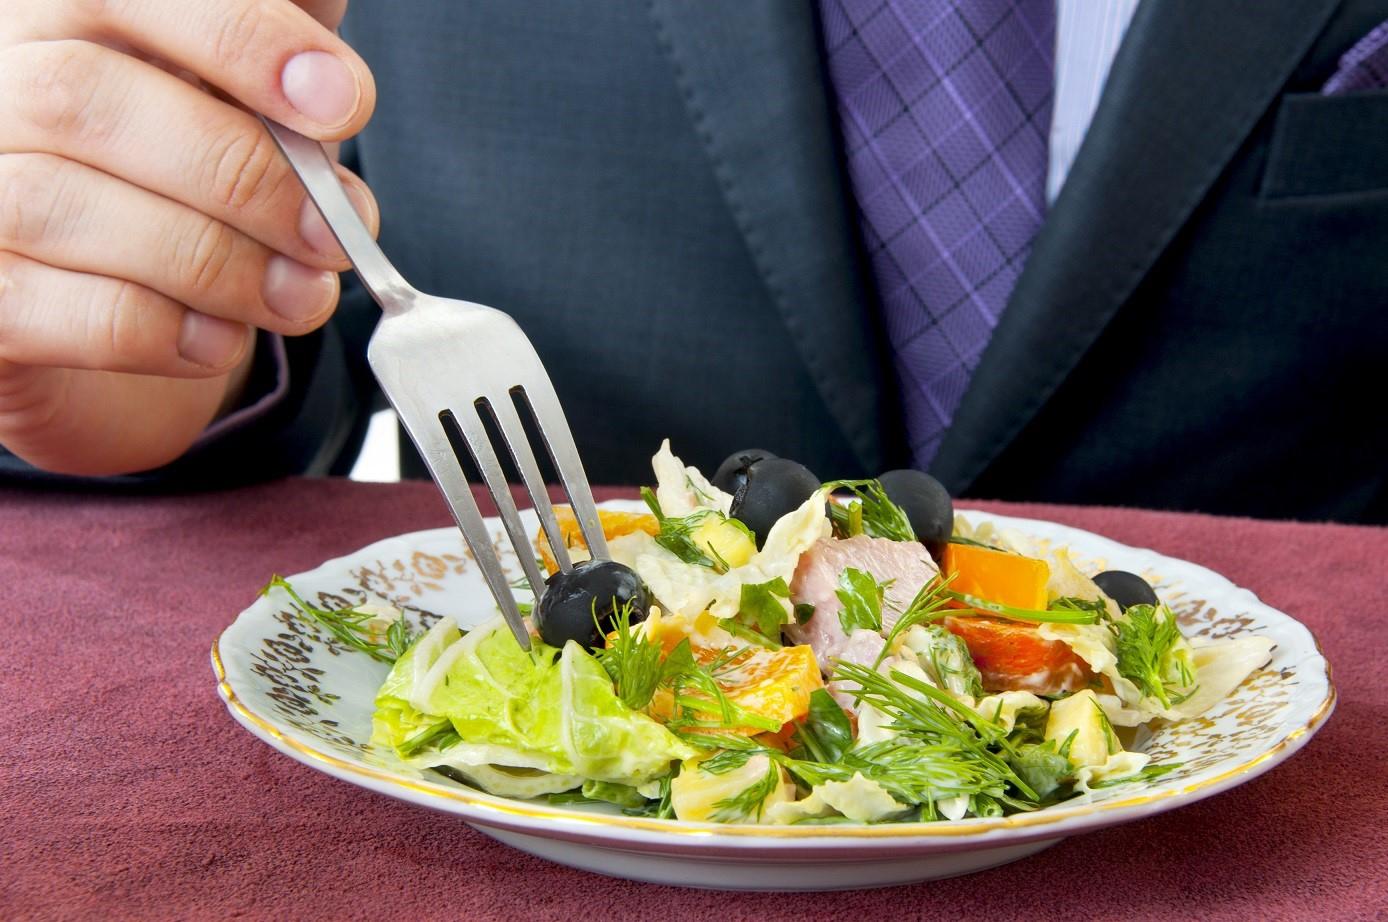 как есть салат